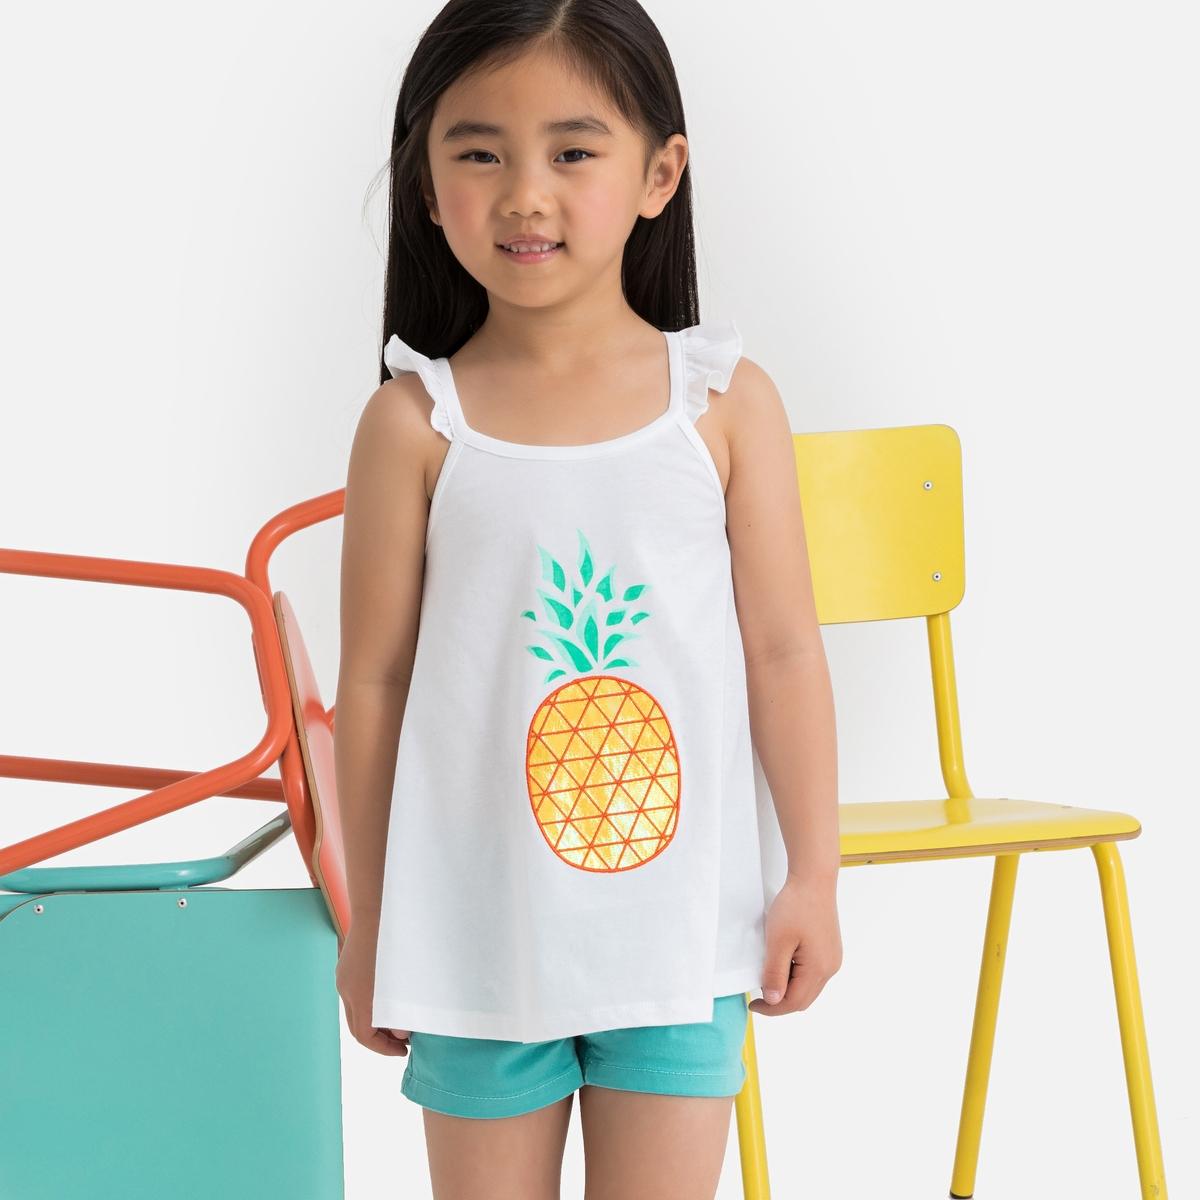 цена Топ La Redoute С воланами и рисунком ананас 3 года - 94 см белый онлайн в 2017 году